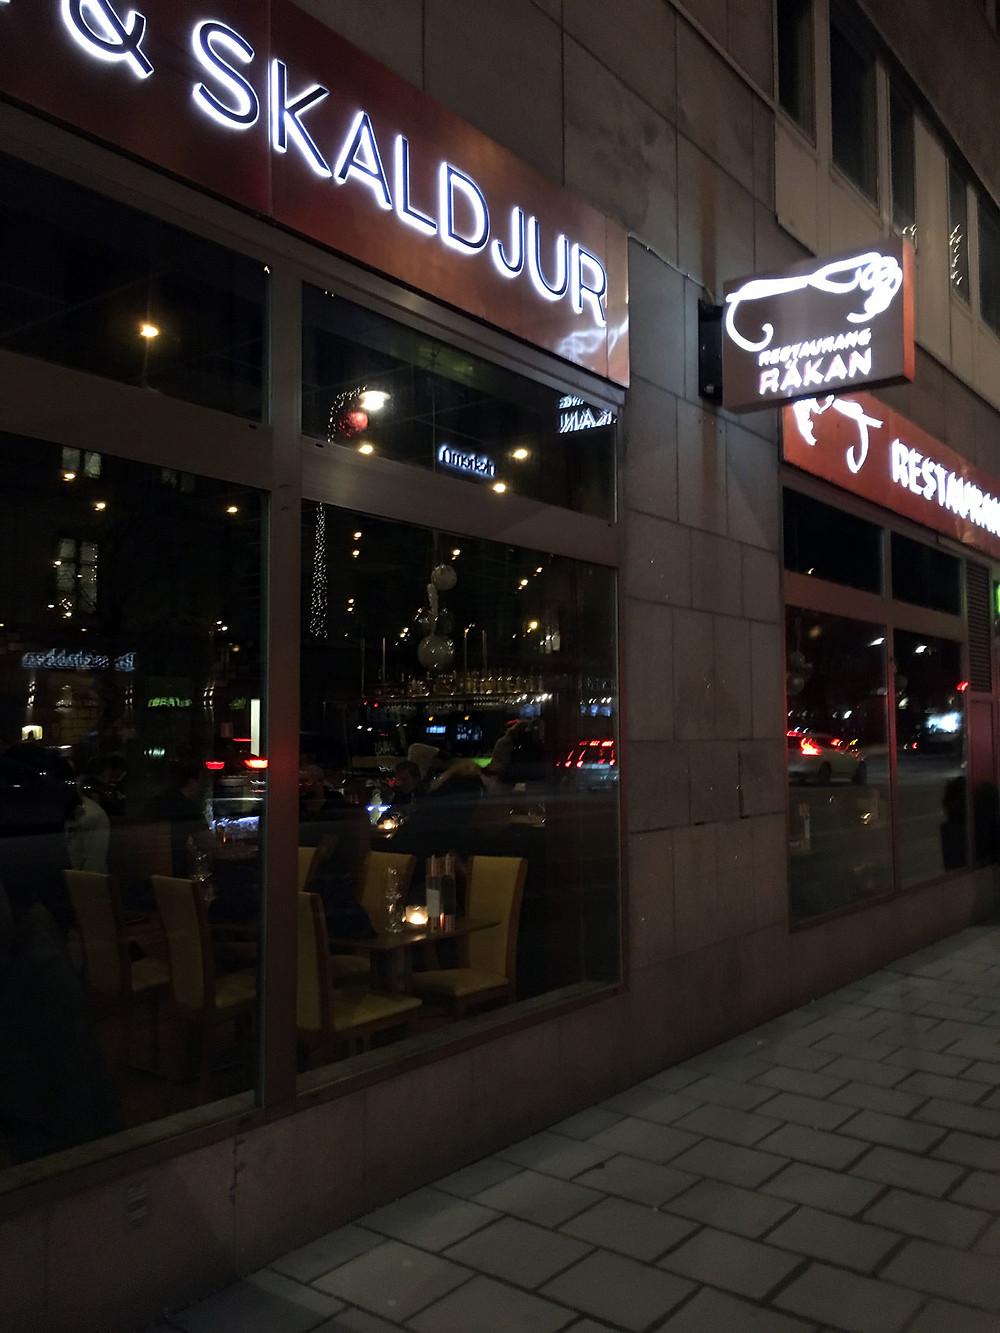 Glutenfritt i Stockholm - Restaurang Räkan